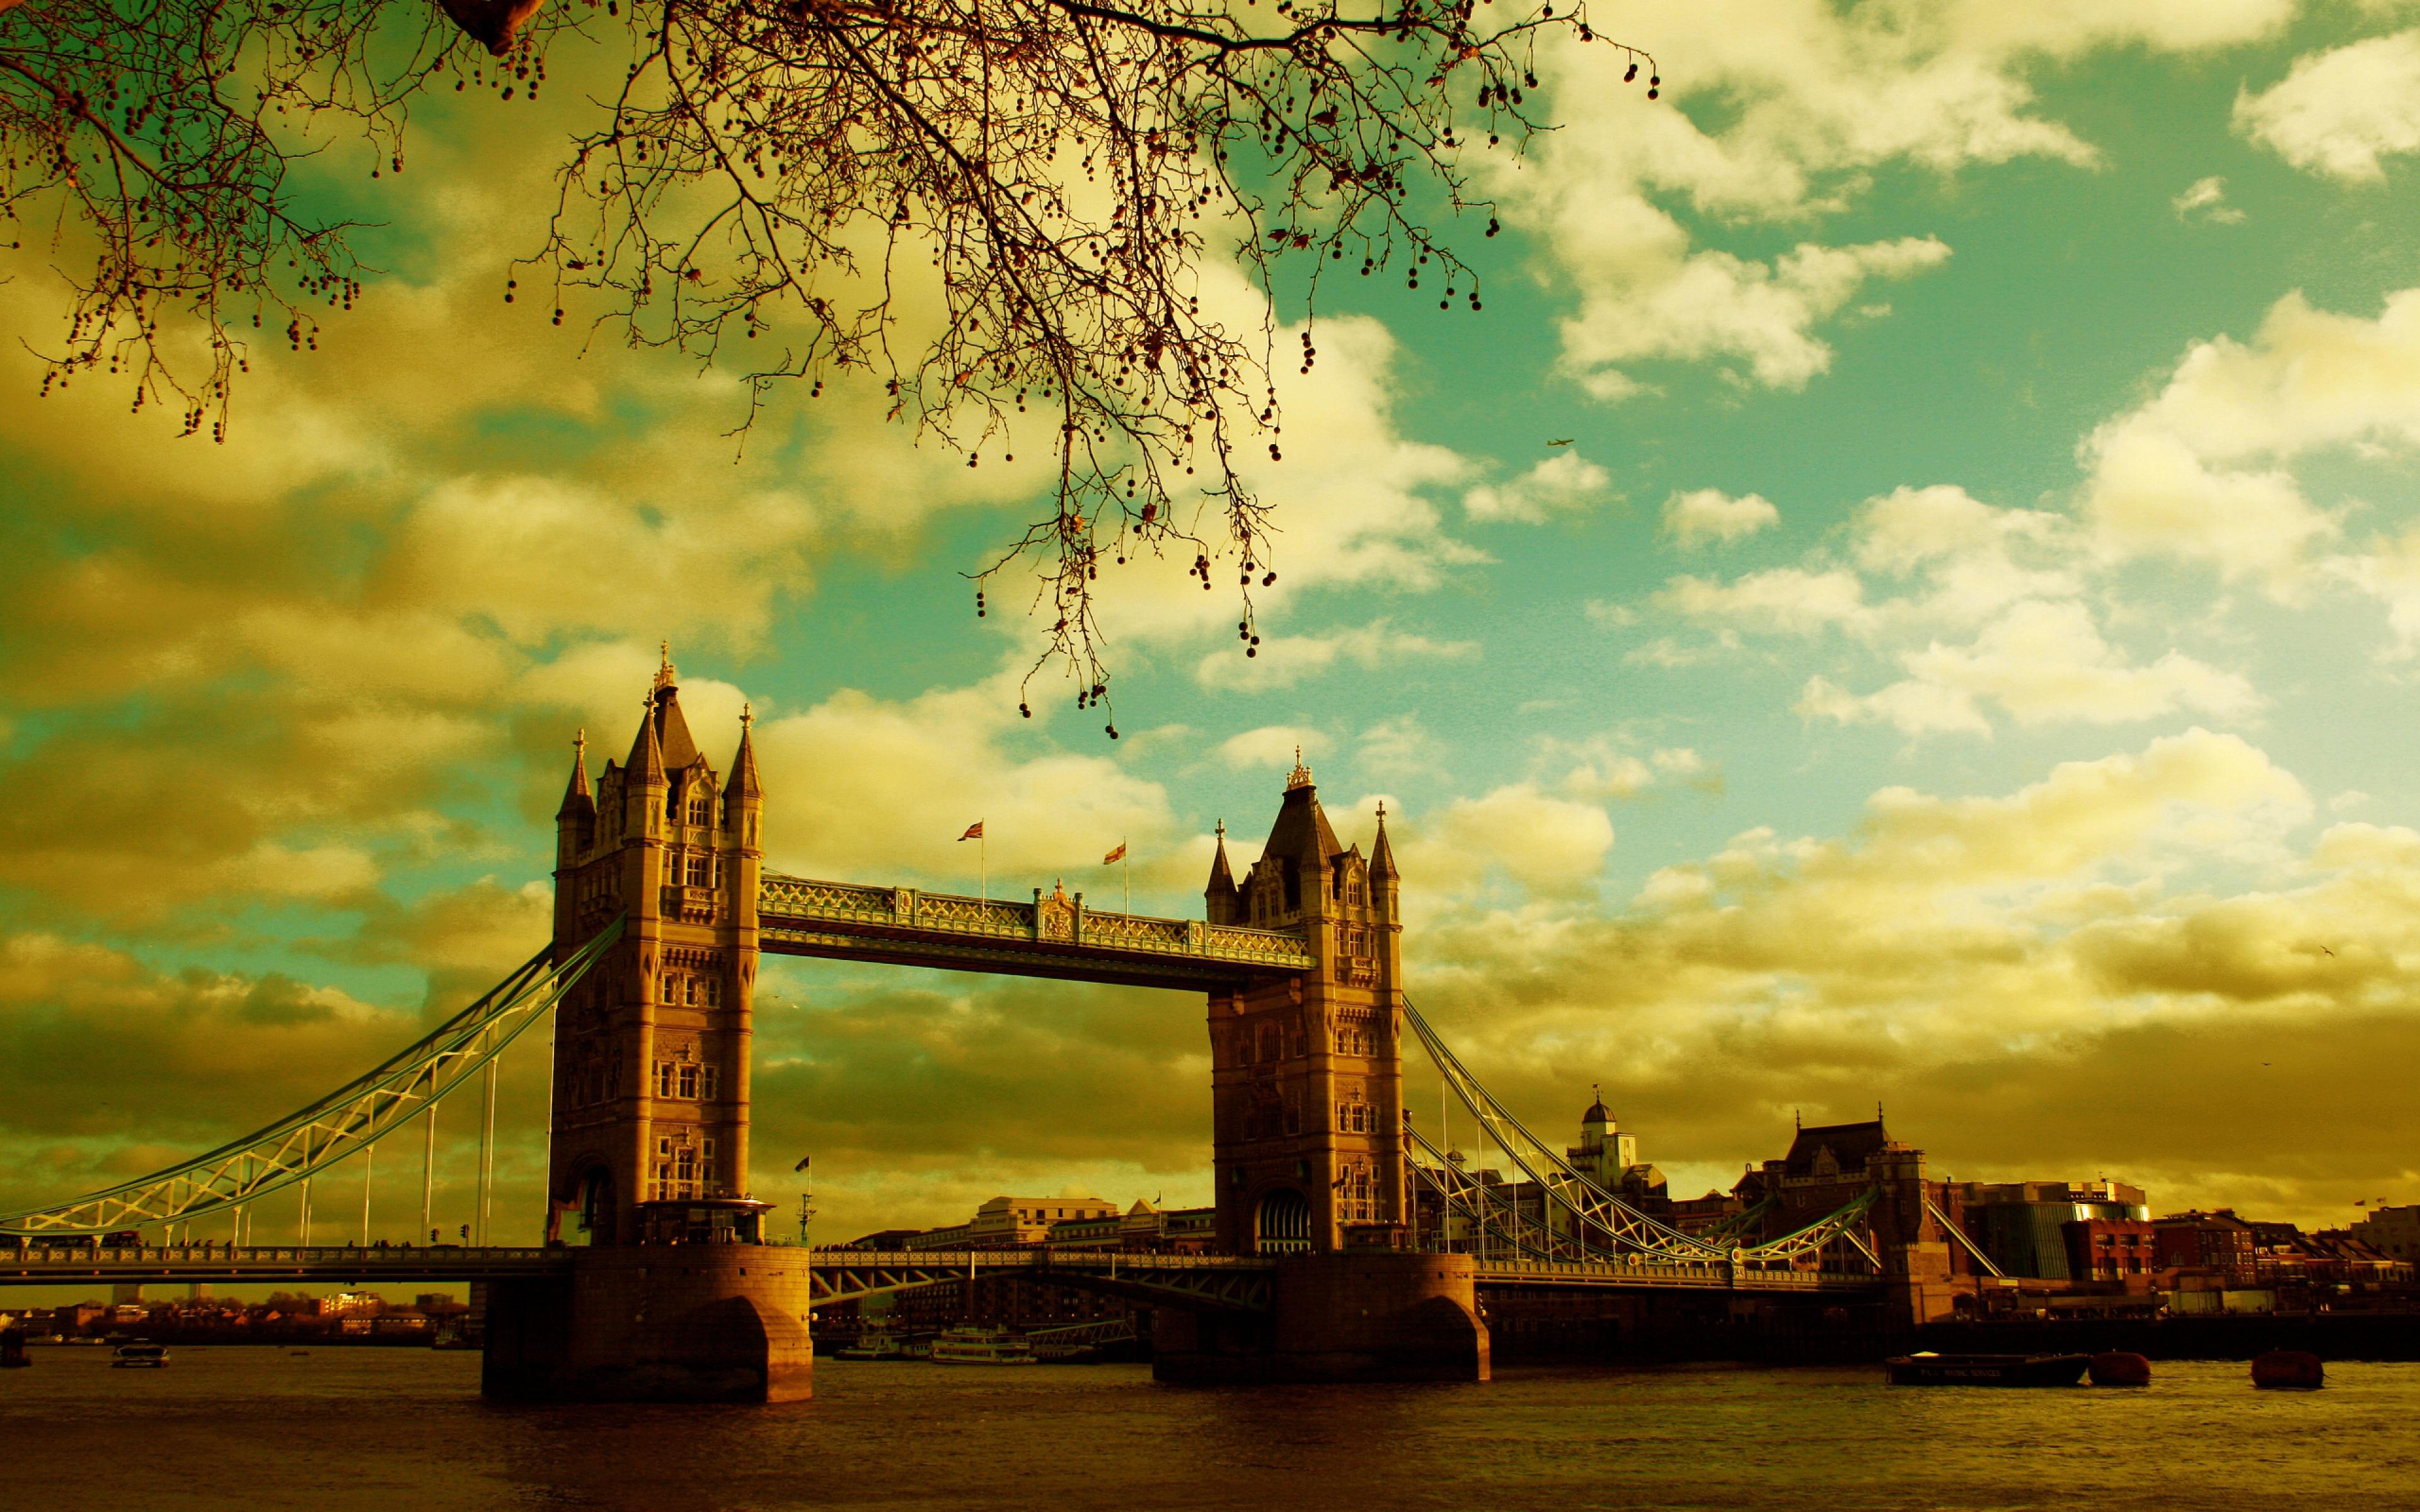 London Wallpaper 4K - WallpaperSafari